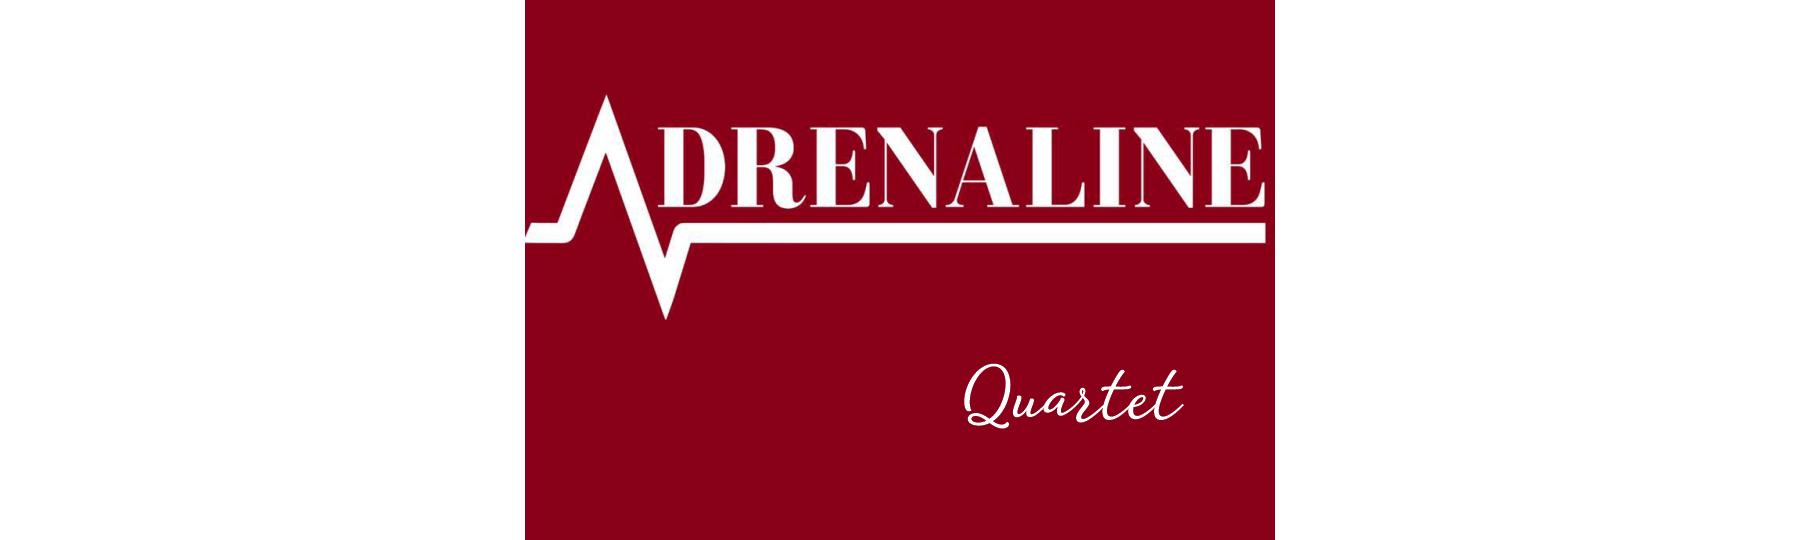 Adrenaline-logo-wide-transp1.png